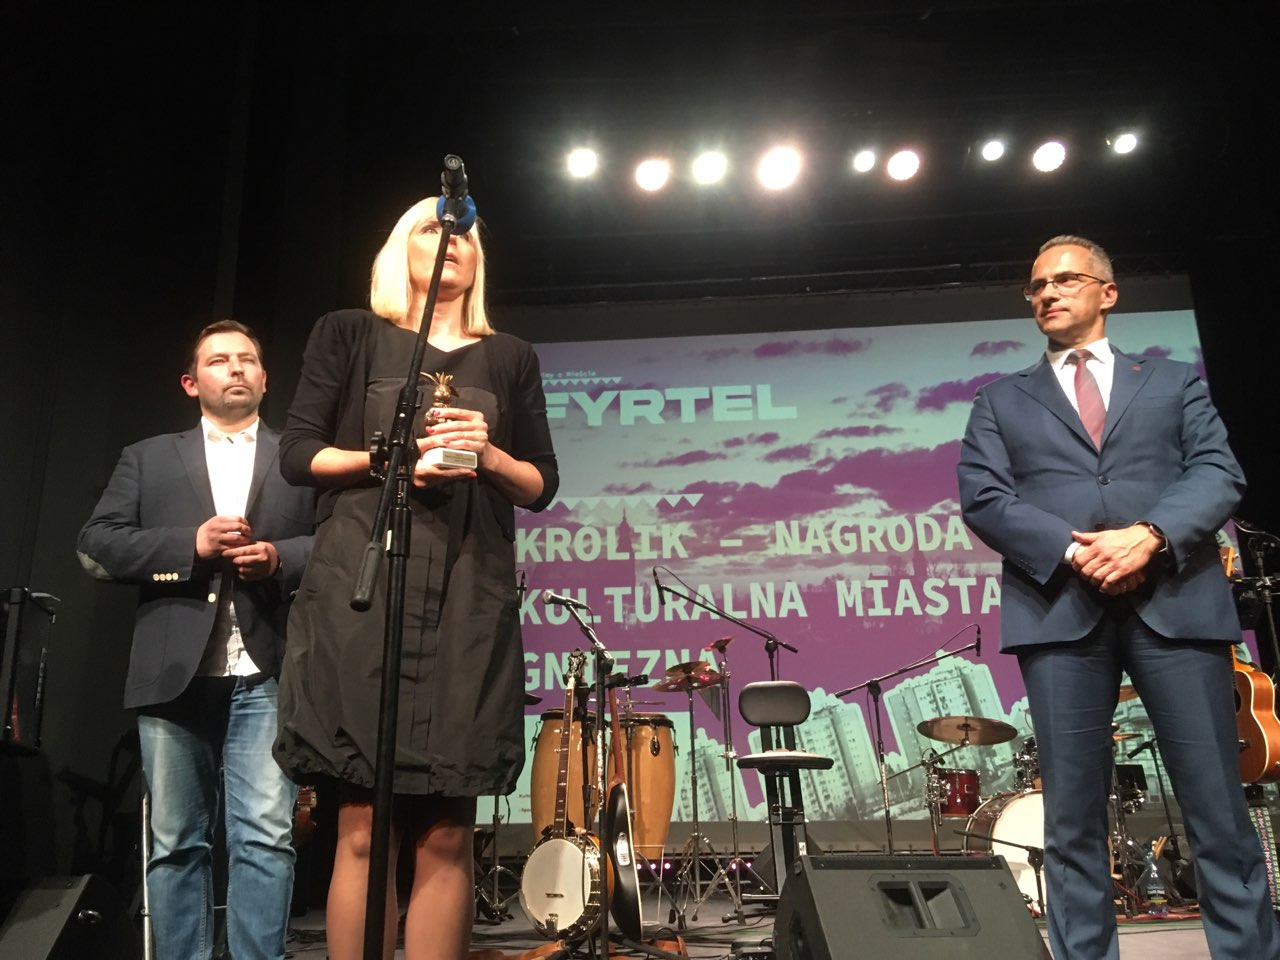 irmina kosmala festiwal fyrtel nagroda królik - Rafał Muniak